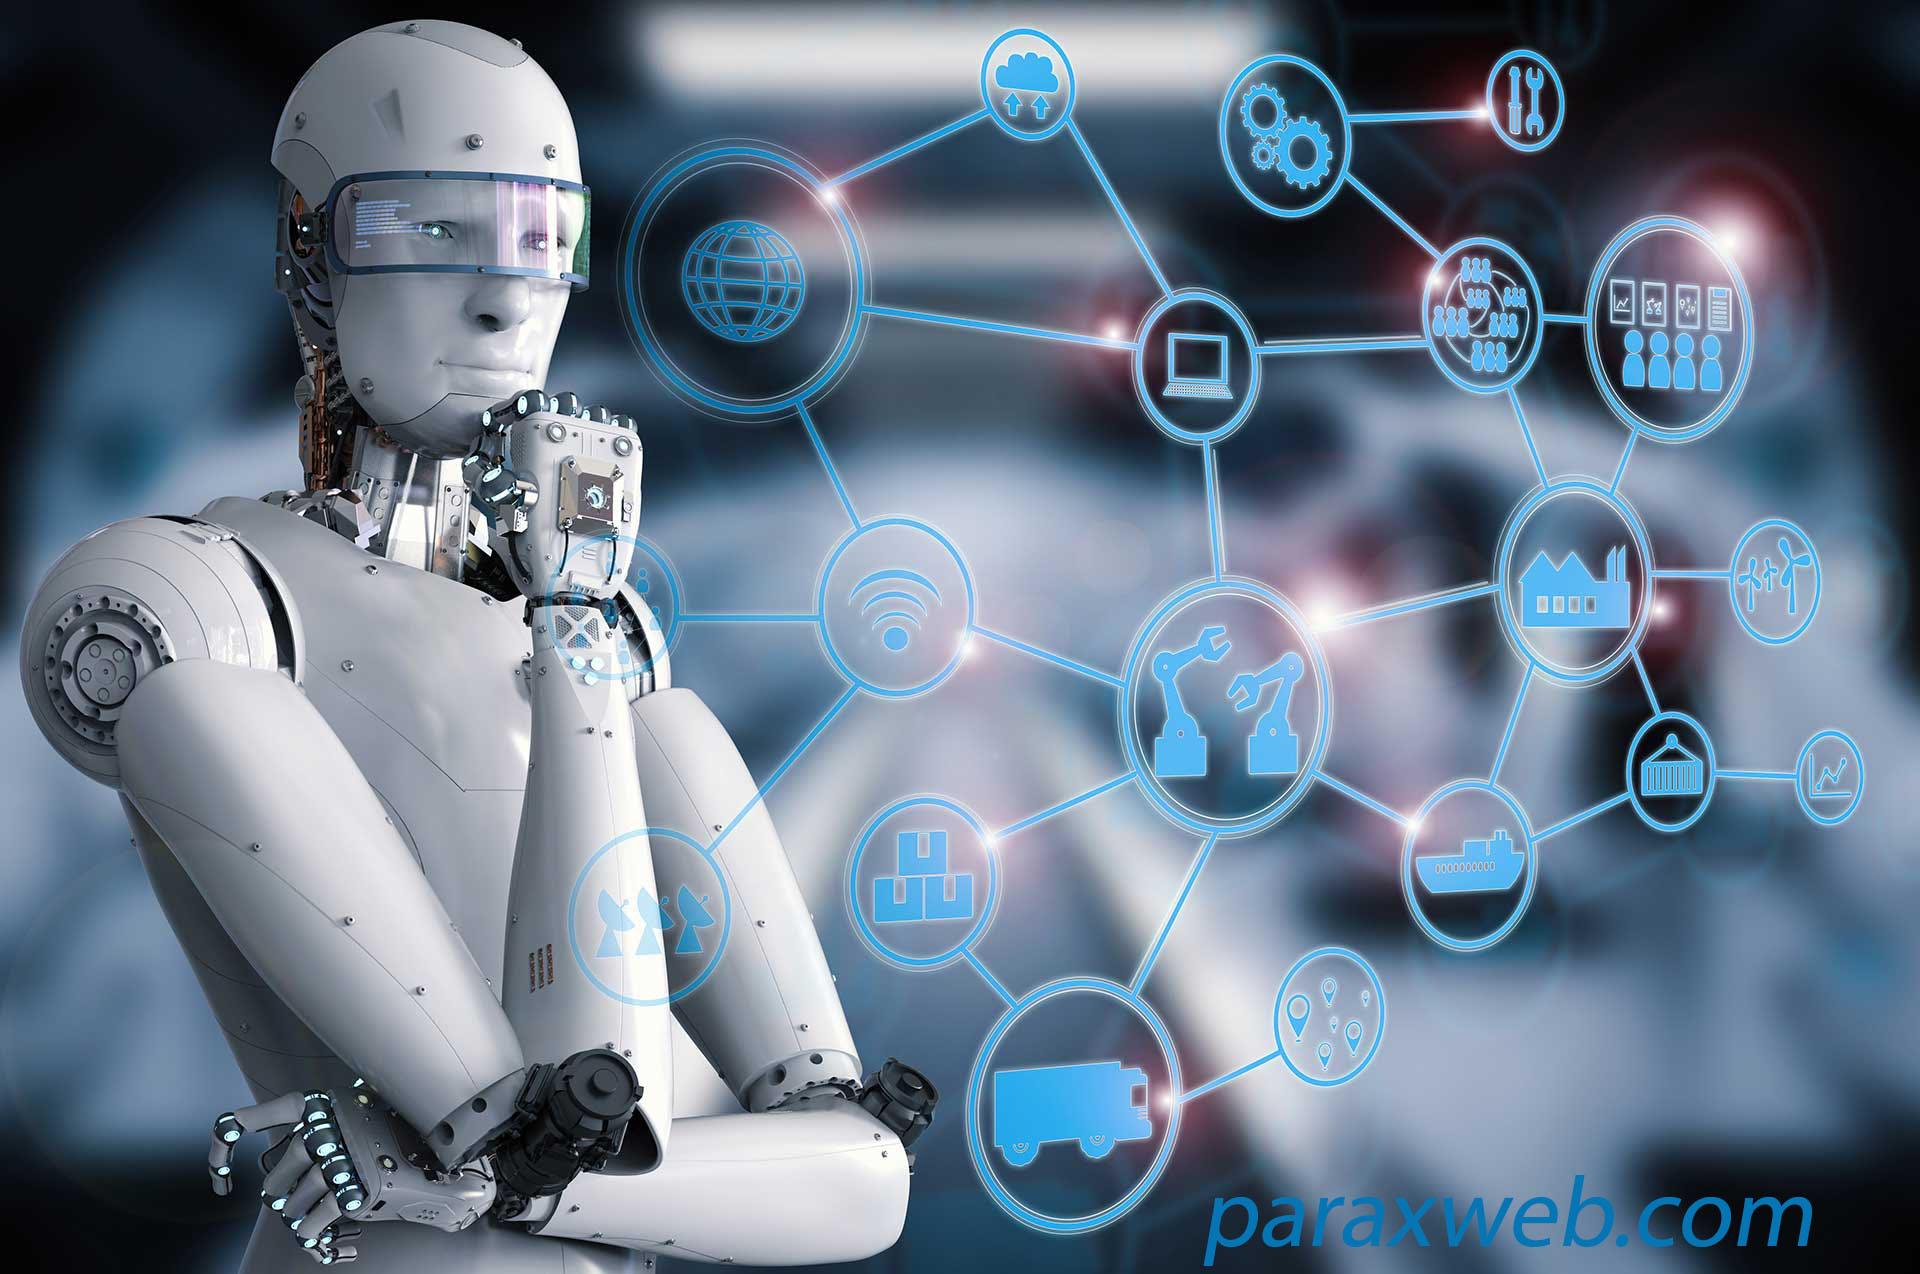 Brain: موتور جستجویی که از هوش مصنوعی کمک میگیرد